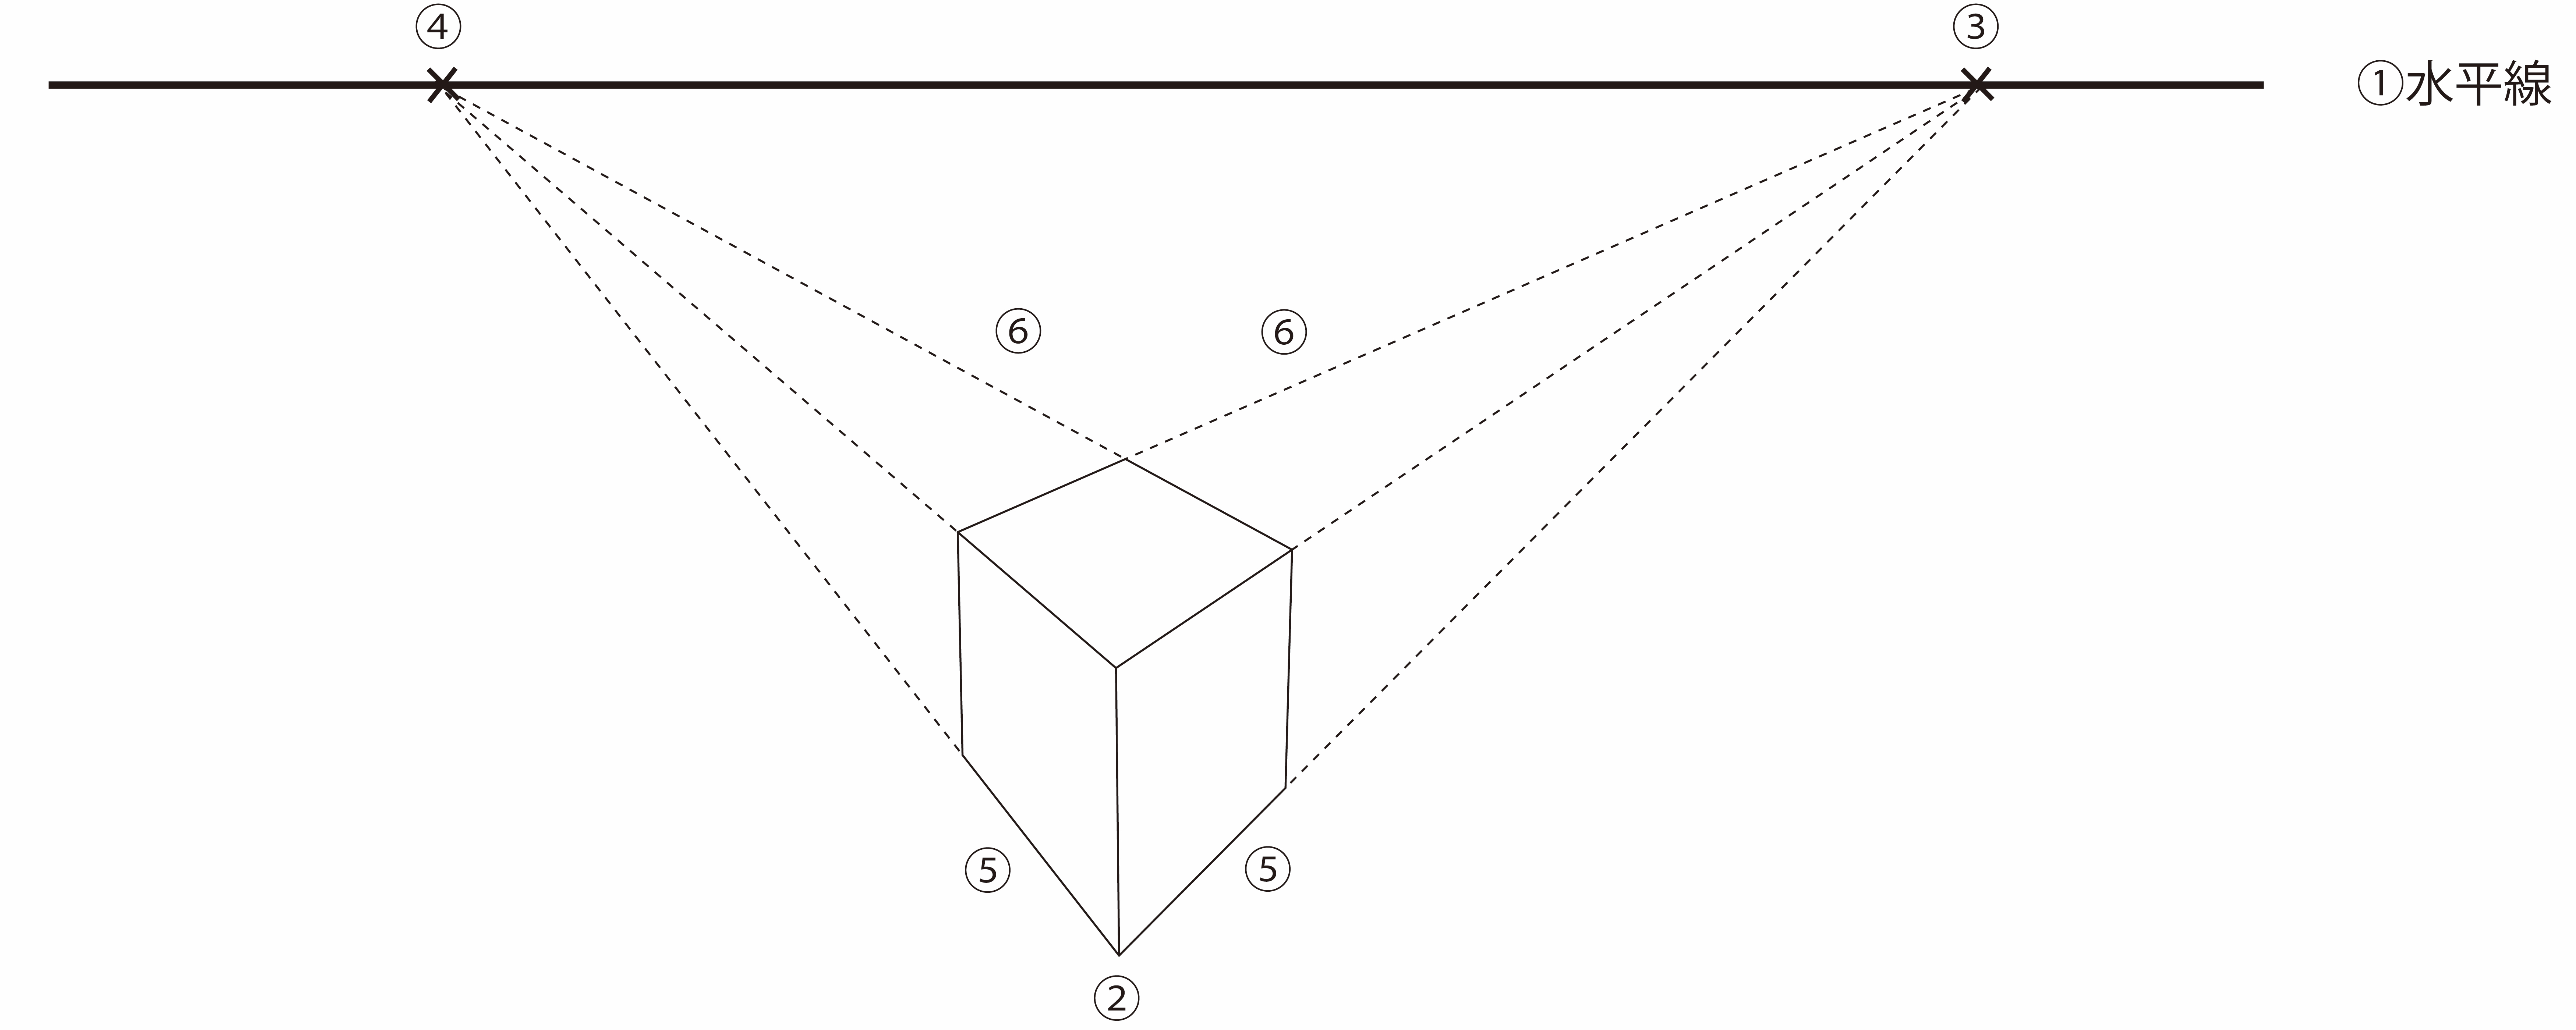 の 書き方 ひし形 【基本の作図】4ステップでわかる!垂直二等分線の書き方